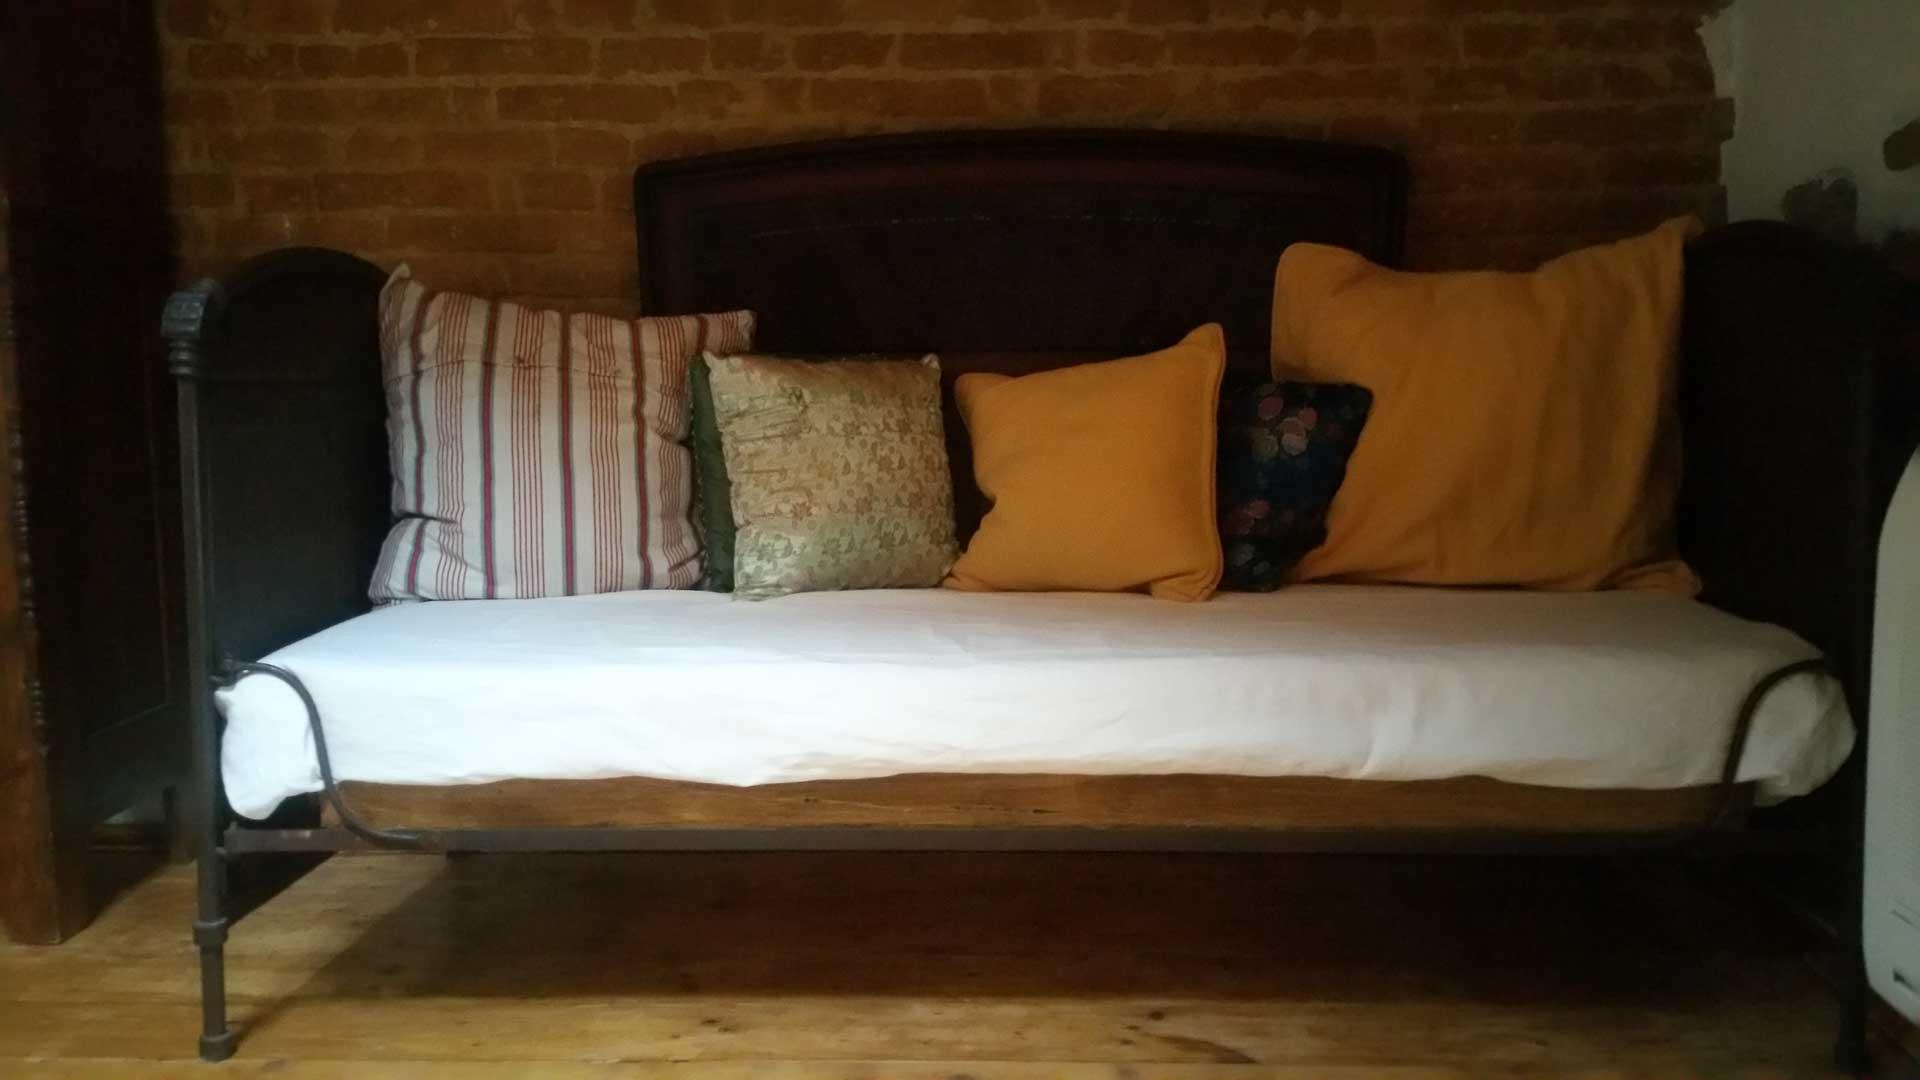 Camera 900 divanetto letto singolo B&B & Meditation Center Zorba il Buddha Passerano Marmorito Asti